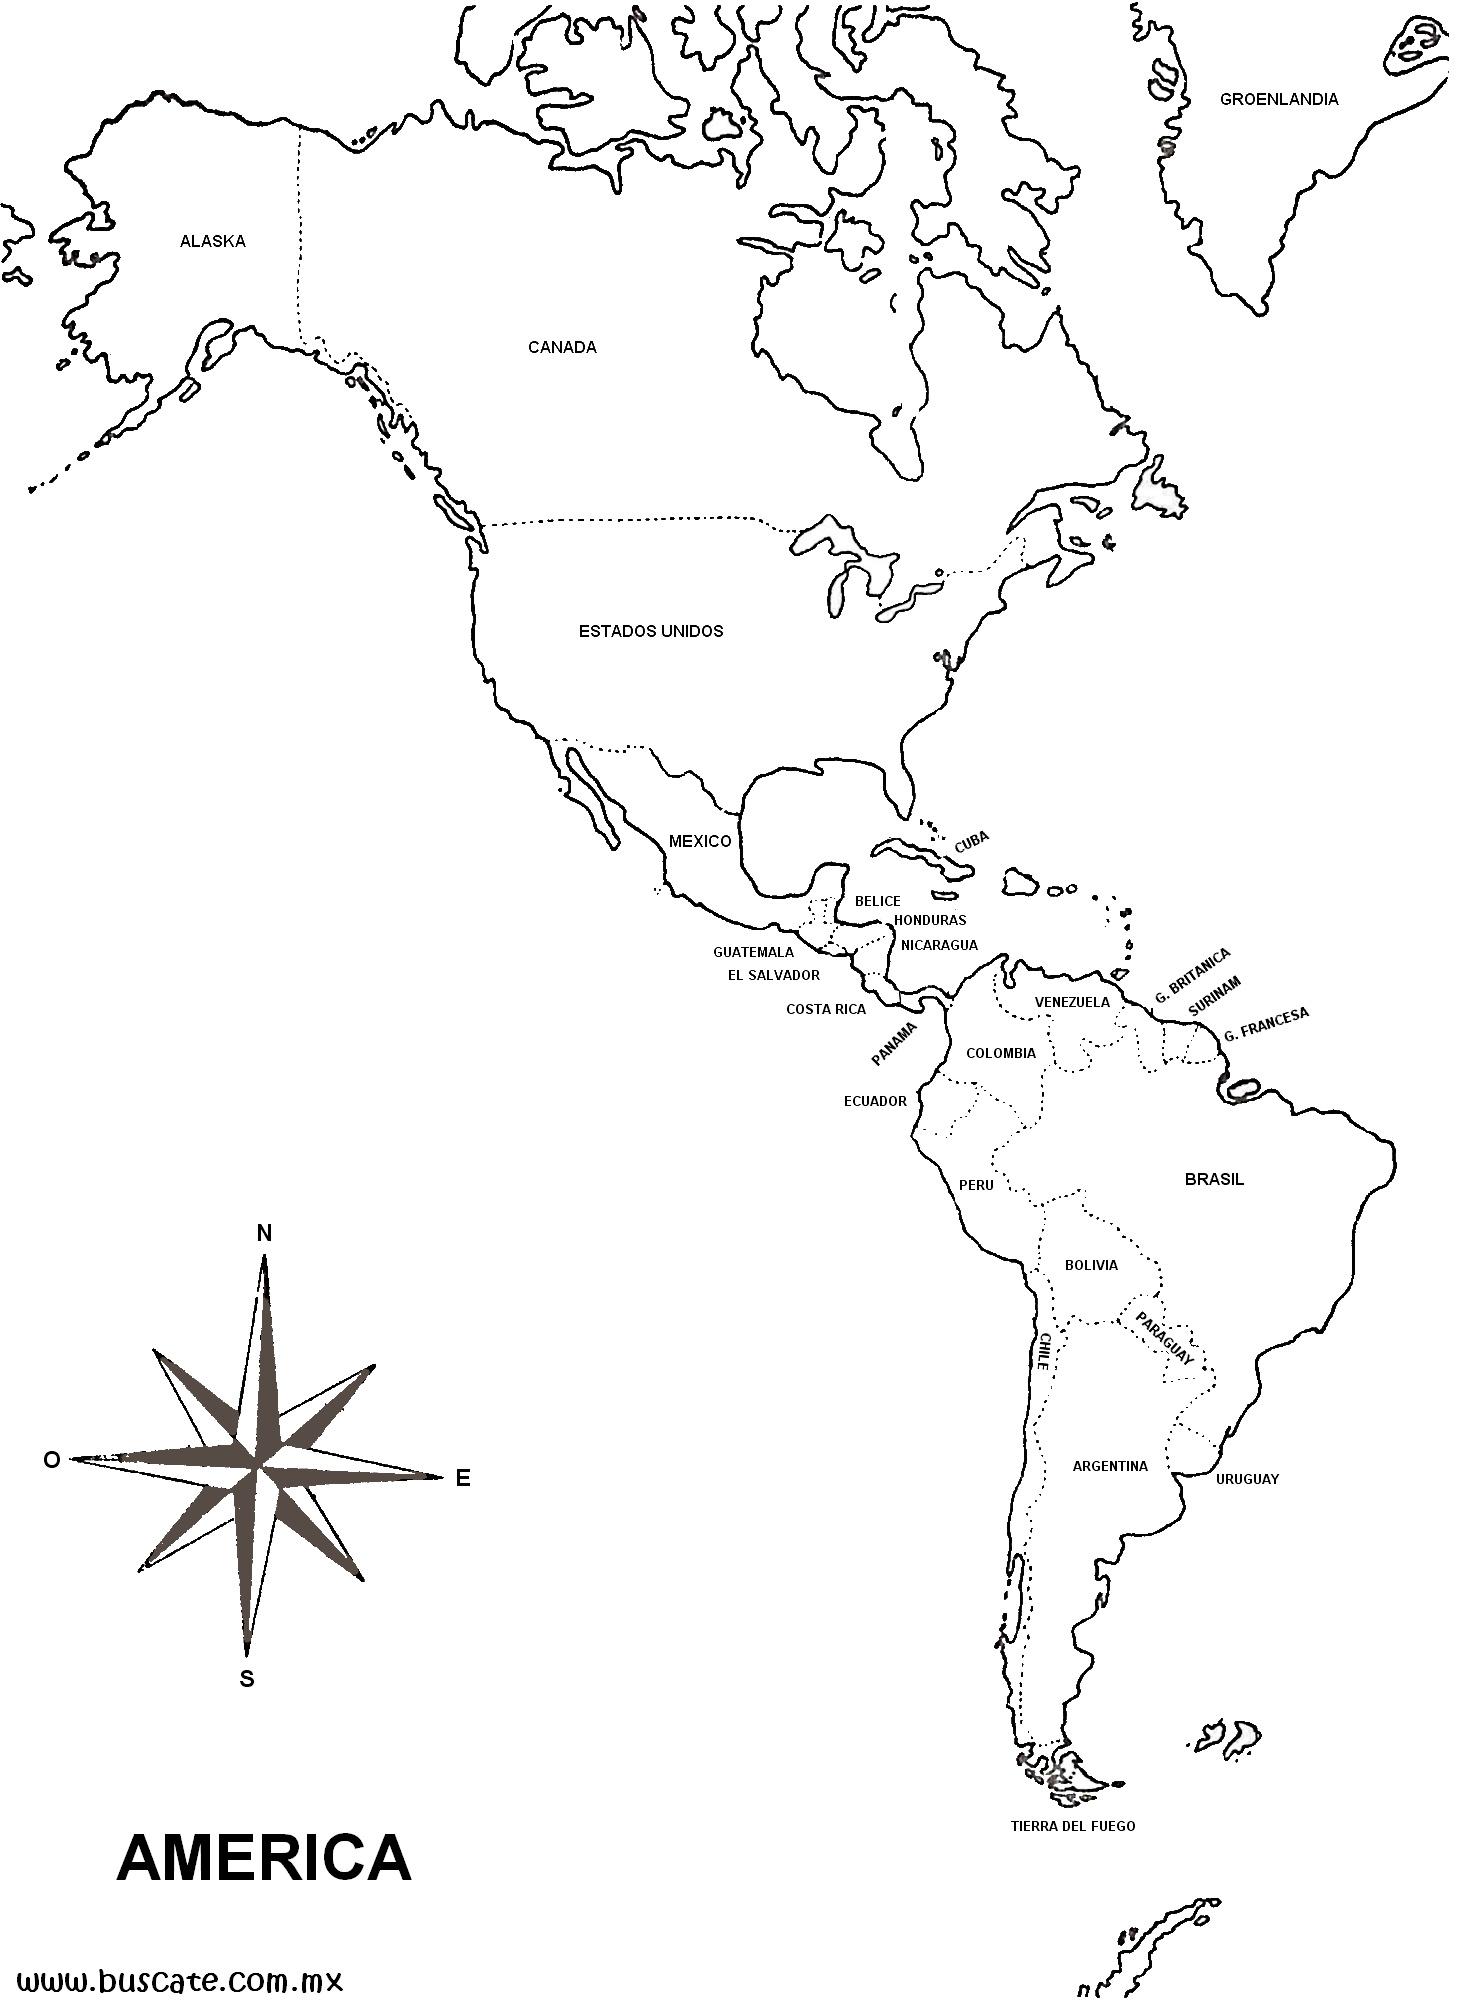 Juegos de Geografa  Juego de Amrica y sus capitales  Cerebriti